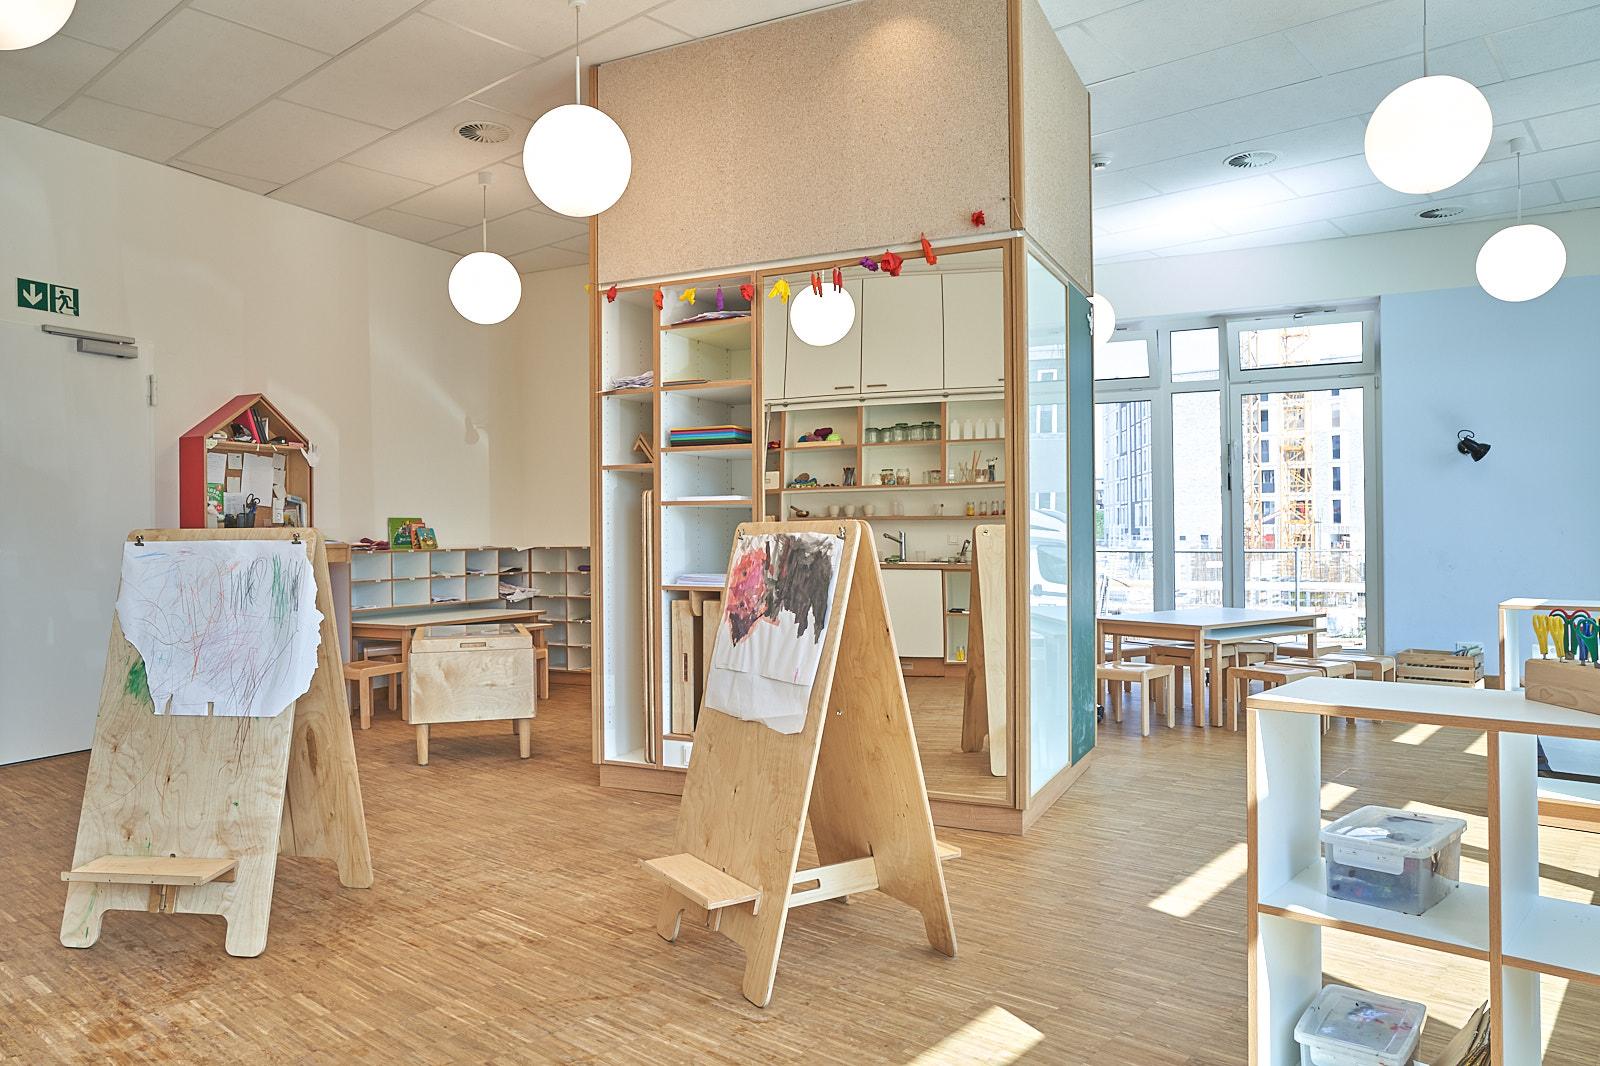 Hamburg, Neue Mitte Altona, Moete, Kita Sandvika, Atelier, Lernwerkstatt, Kita, Kindergarten, Kindertagesstätte, Krippe 02.jpg